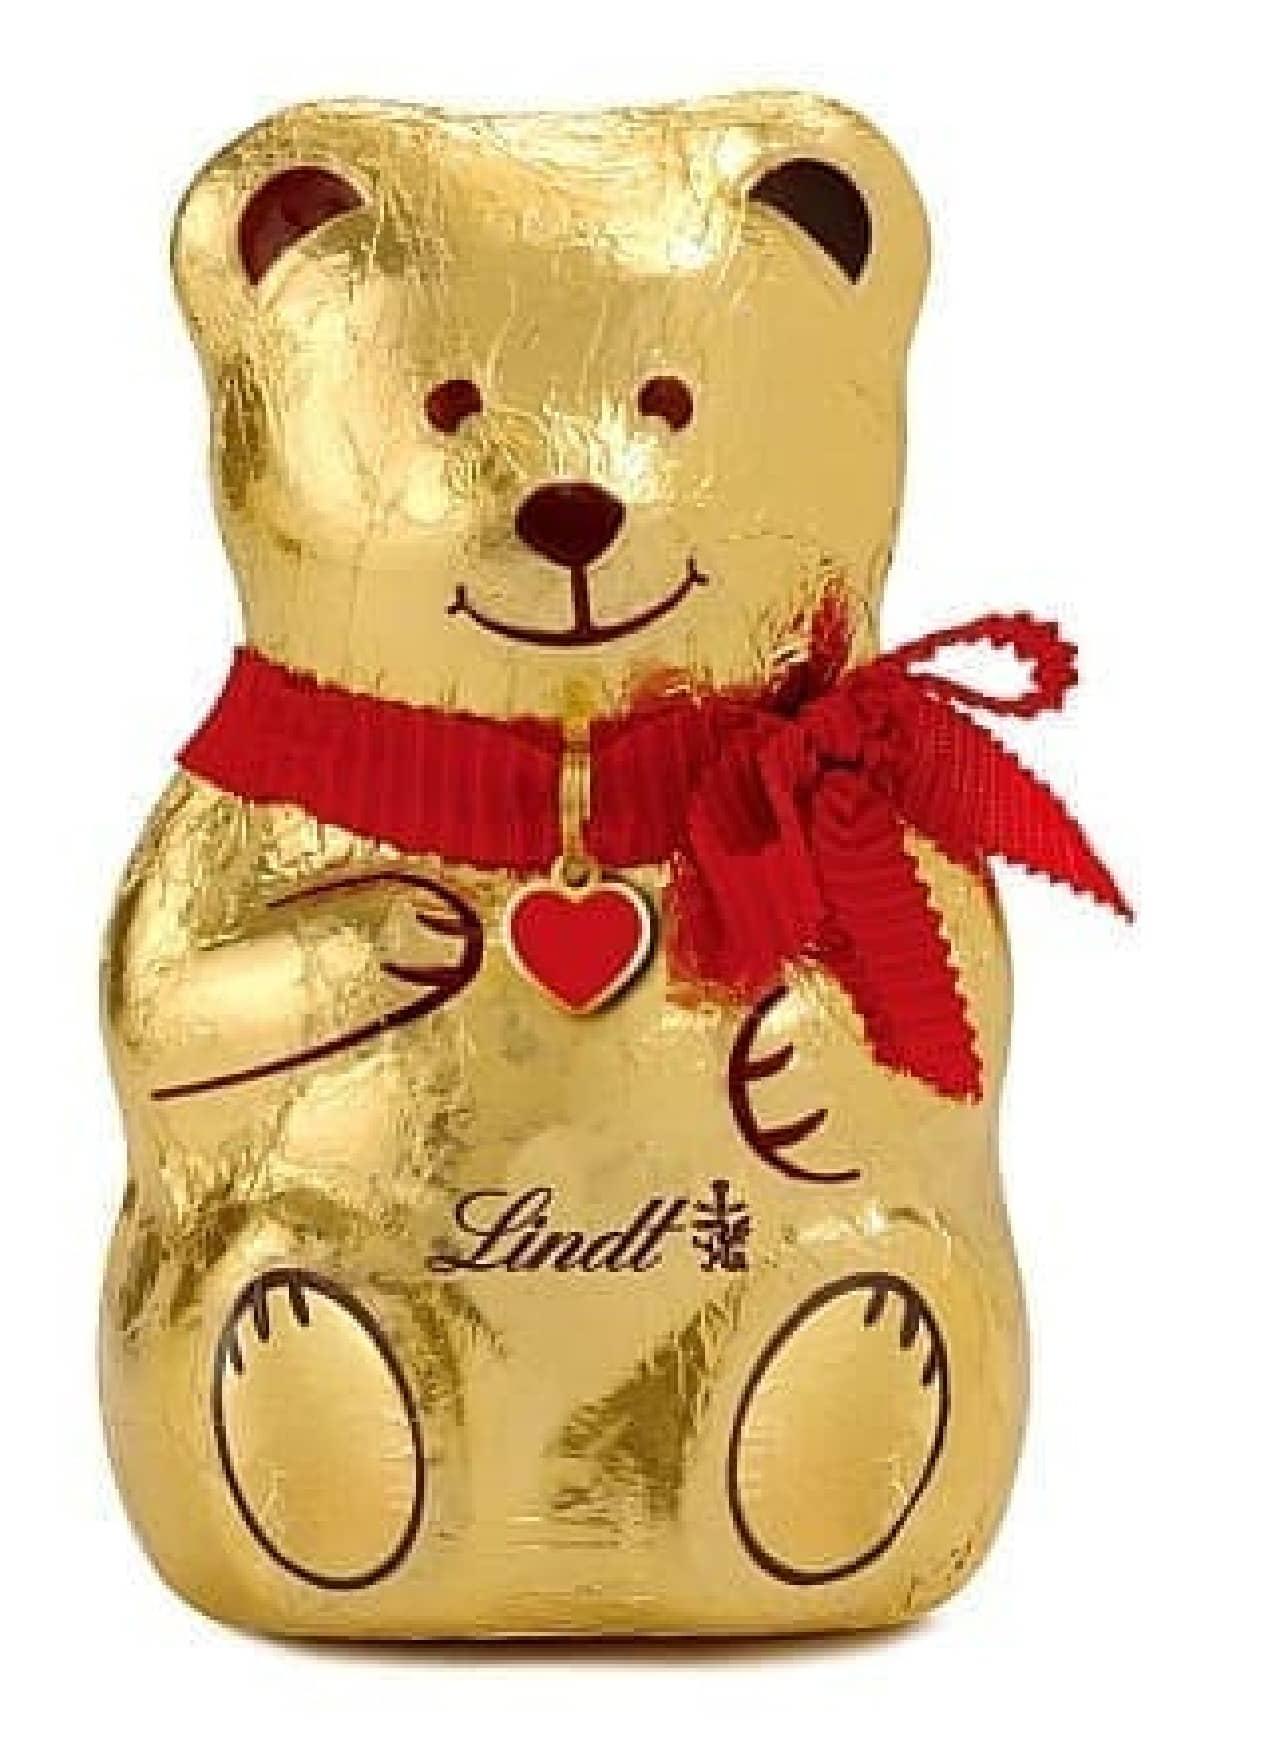 リンツのクリスマス向け商品「リンツテディ」